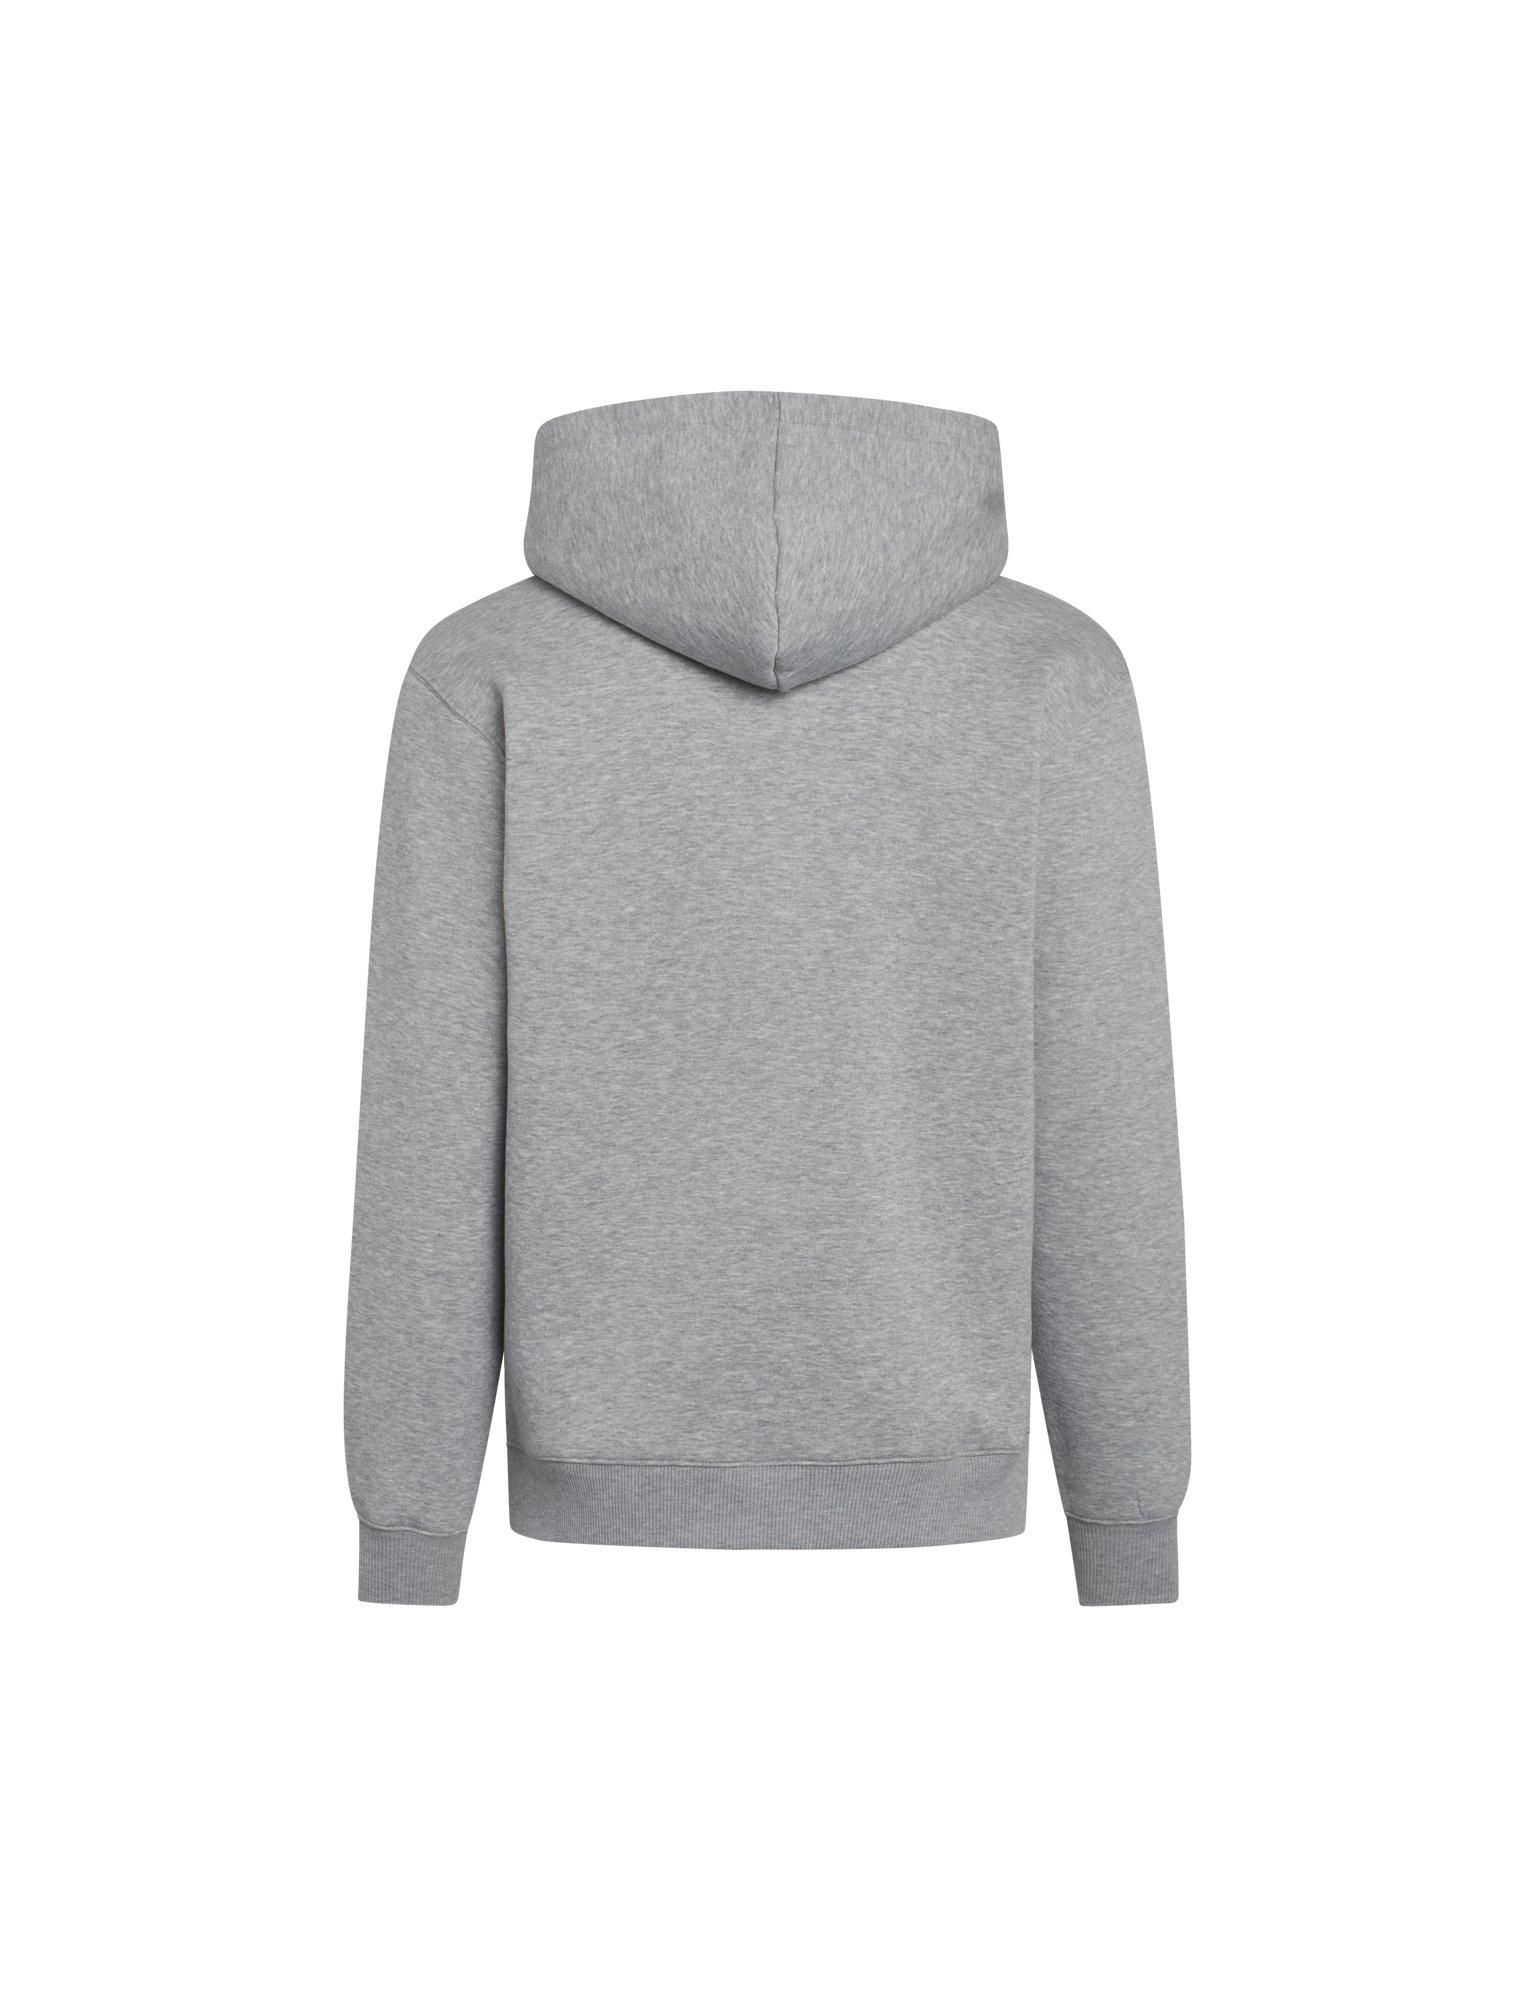 Mads Nørgaard New Standard badge hoodie, grey melange, x-large